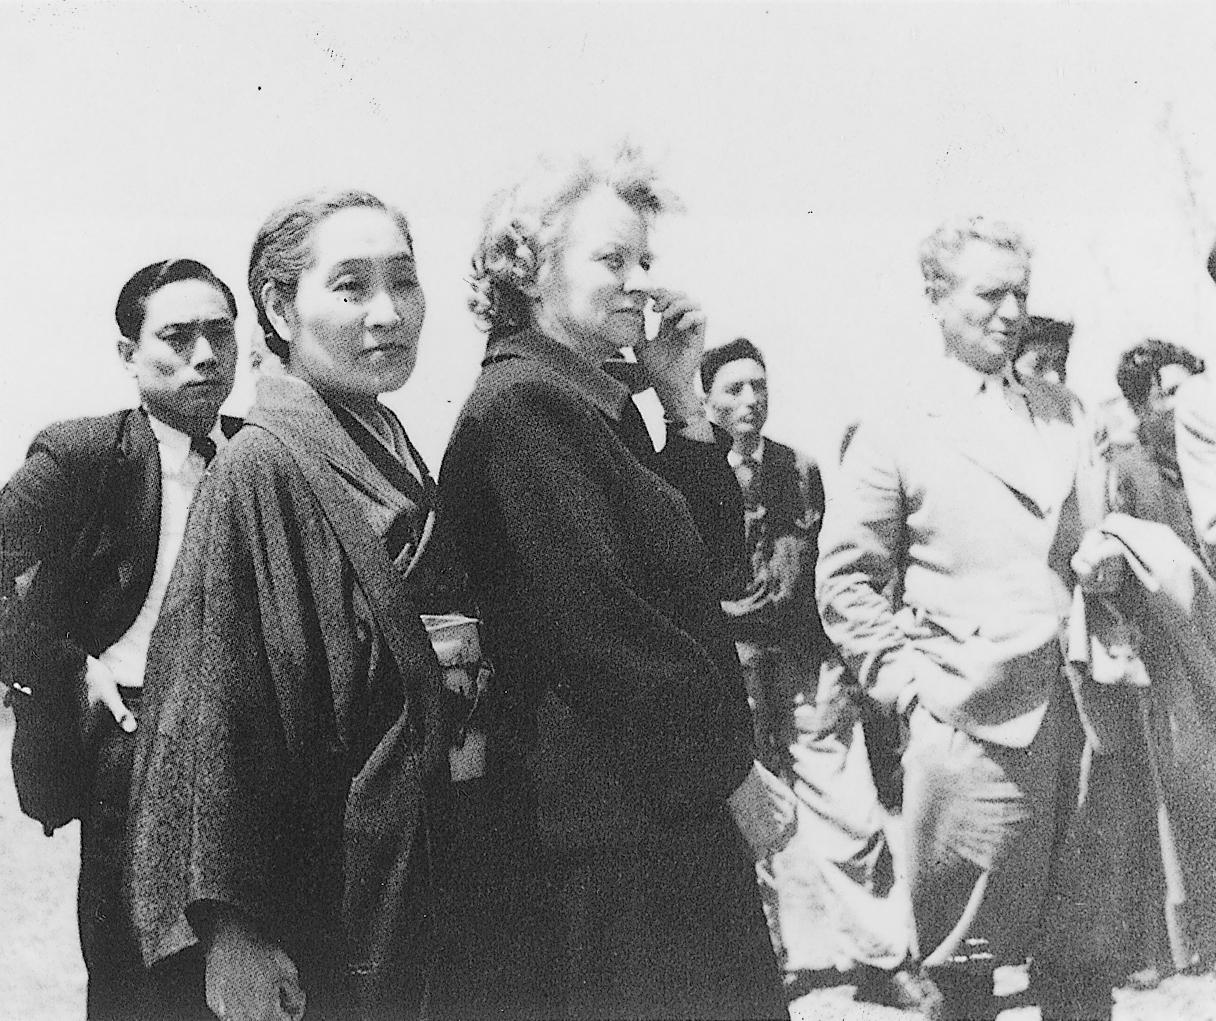 フェンガー夫妻と戸沢錦子市長夫人